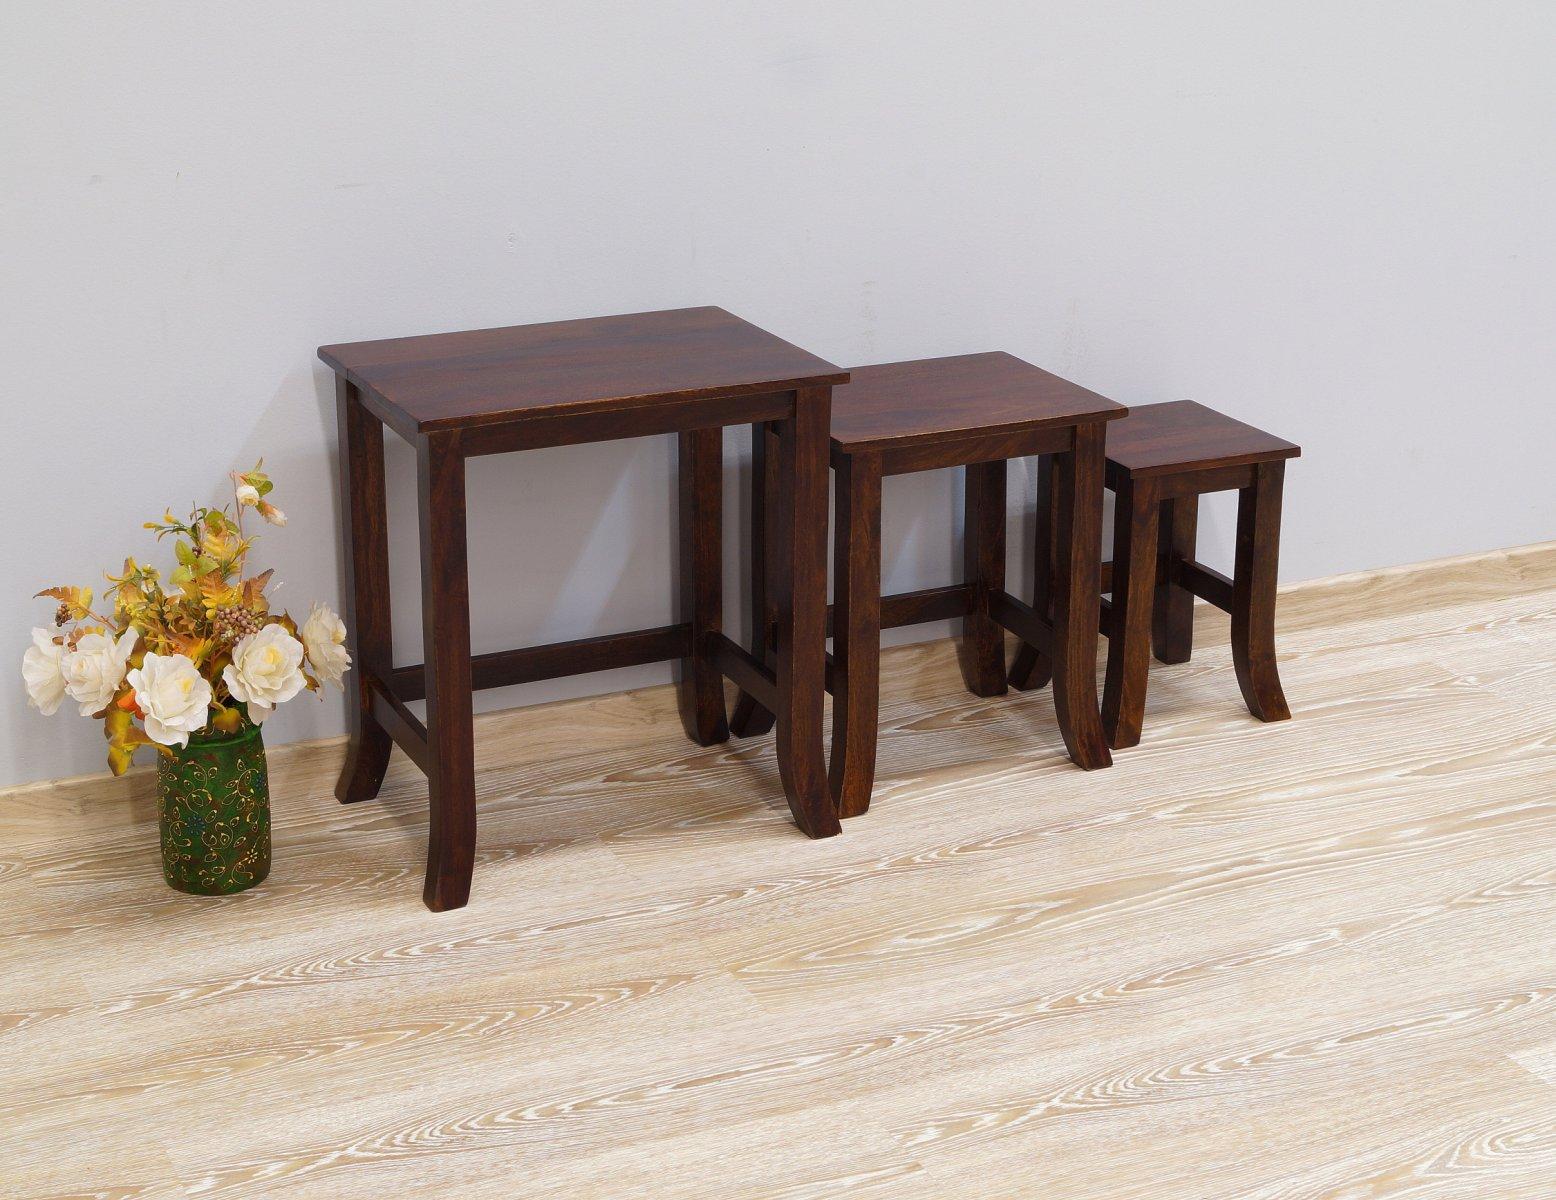 Stolik kawowy kolonialny lite drewno palisander indyjski gięte nogi ciemny brąz zestaw 3 sztuk